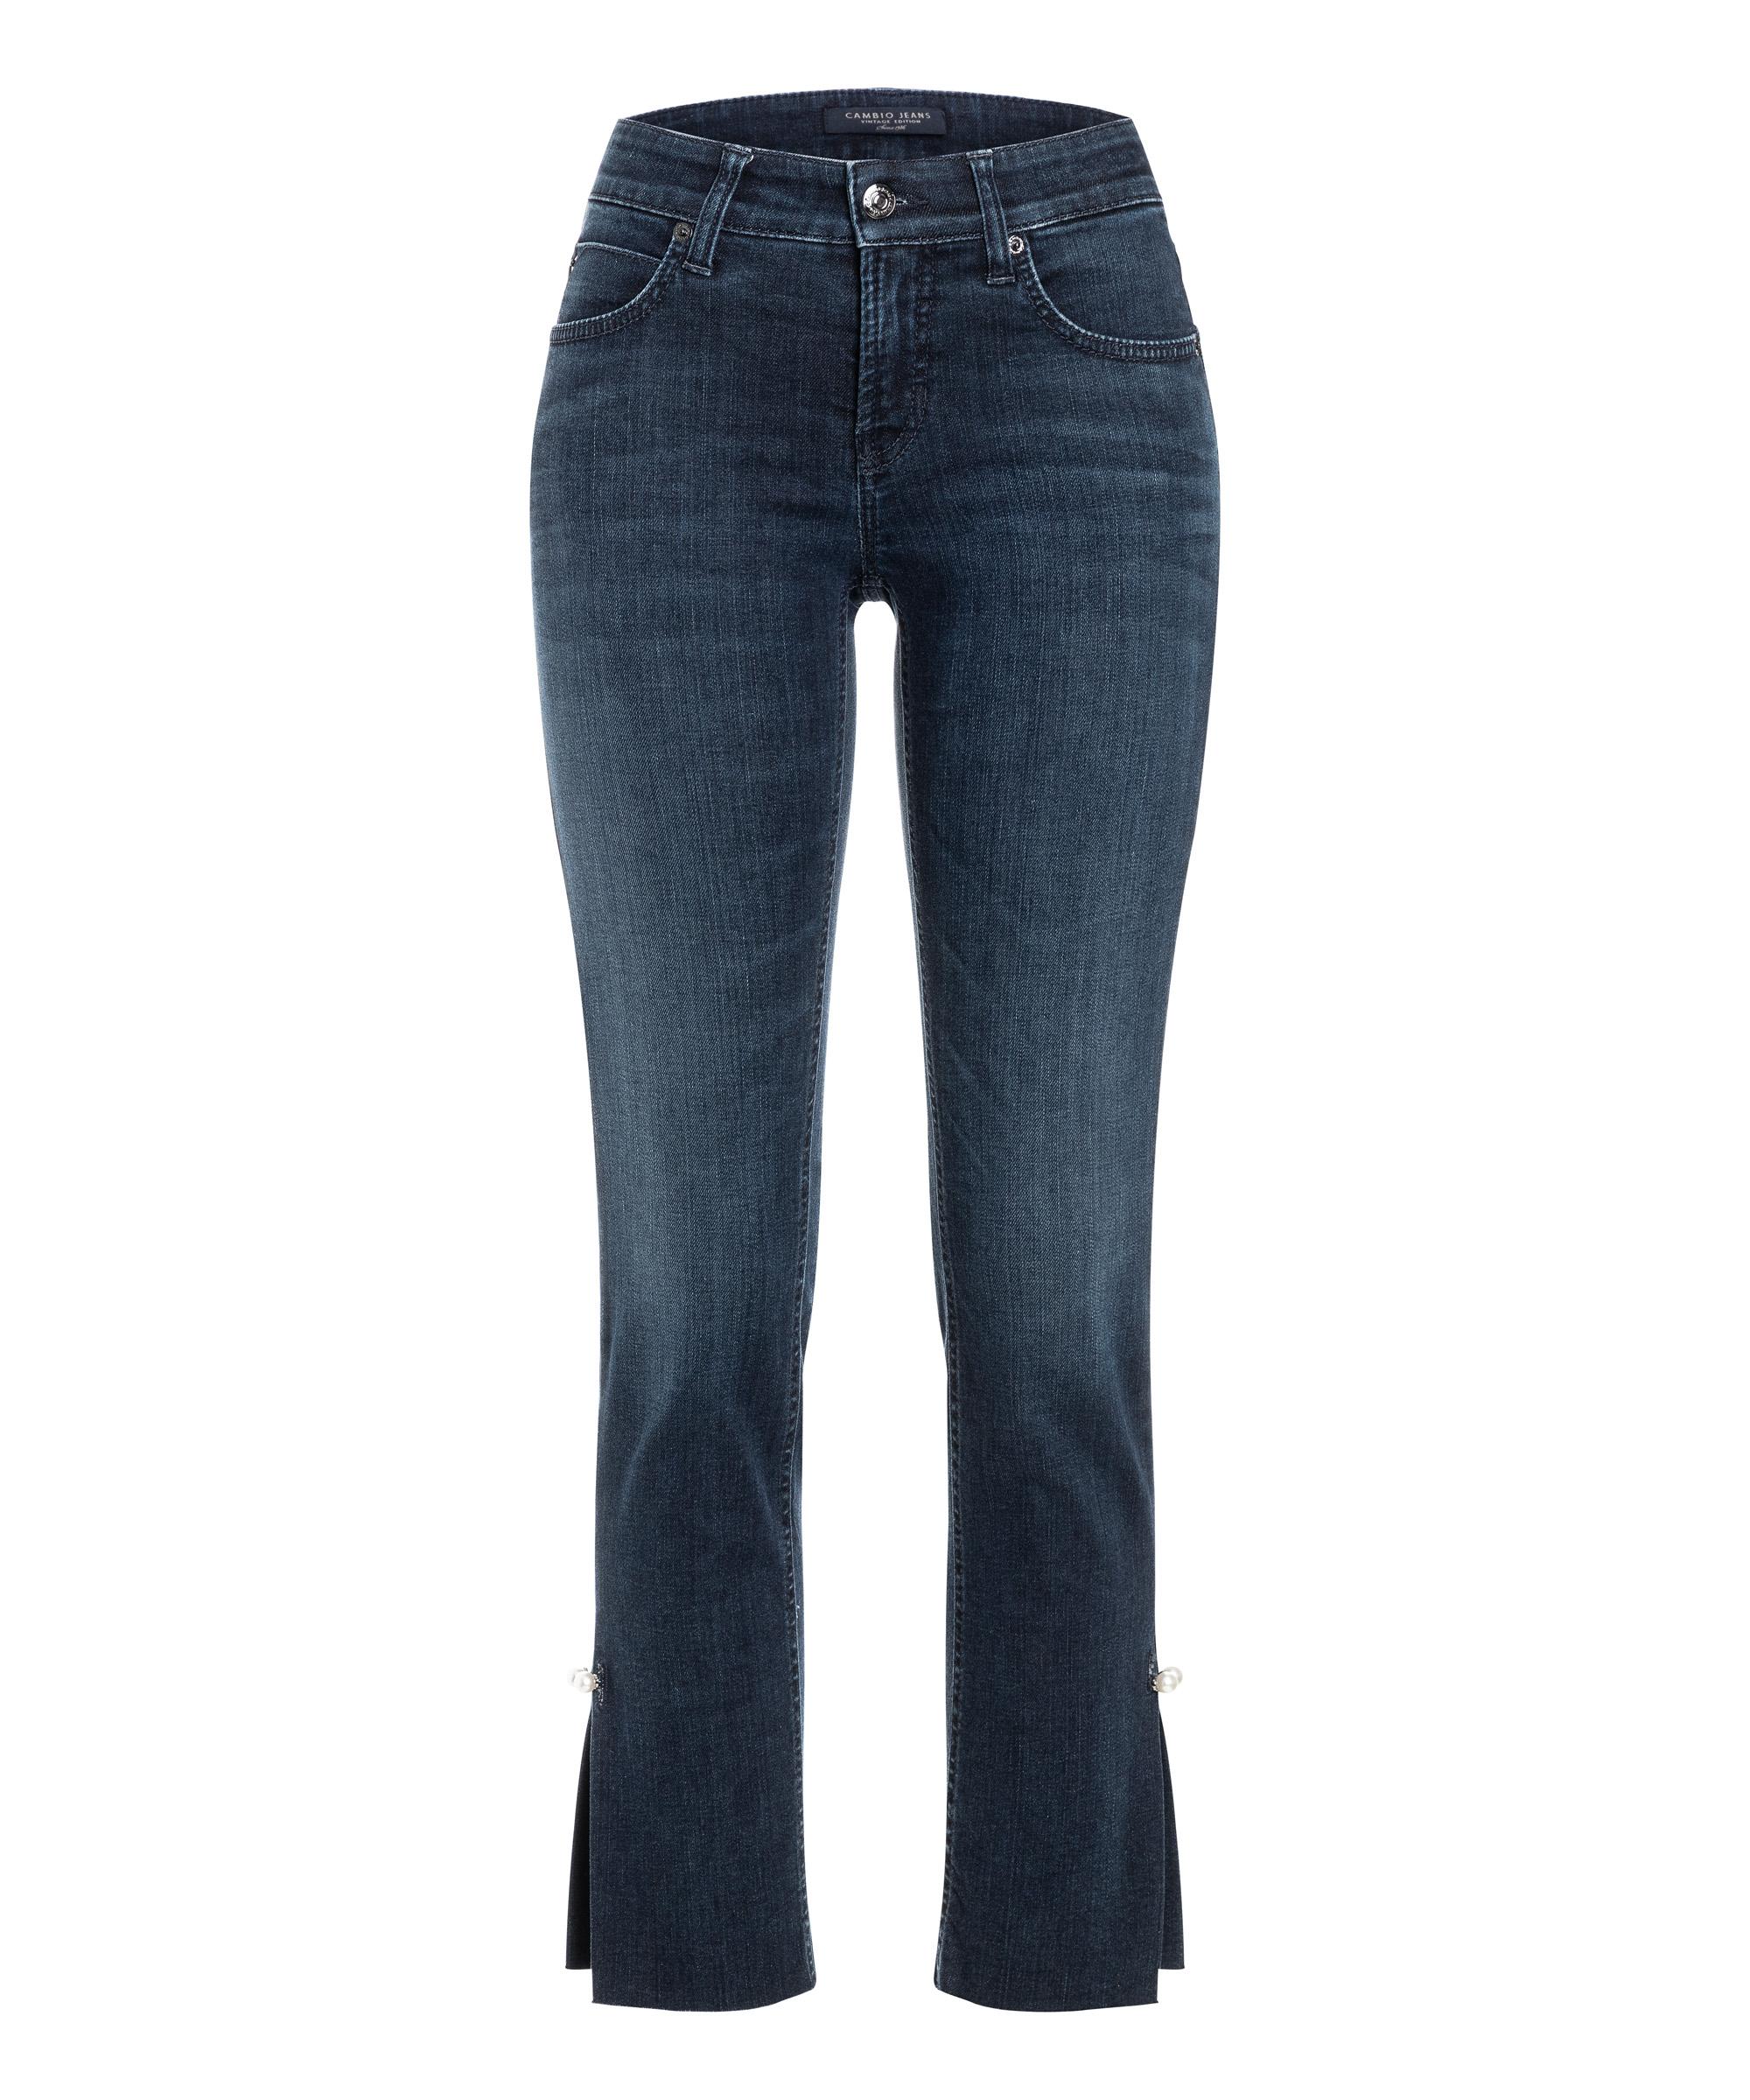 Cambio Jeans Tara MIDNIGHT LIFELY USED